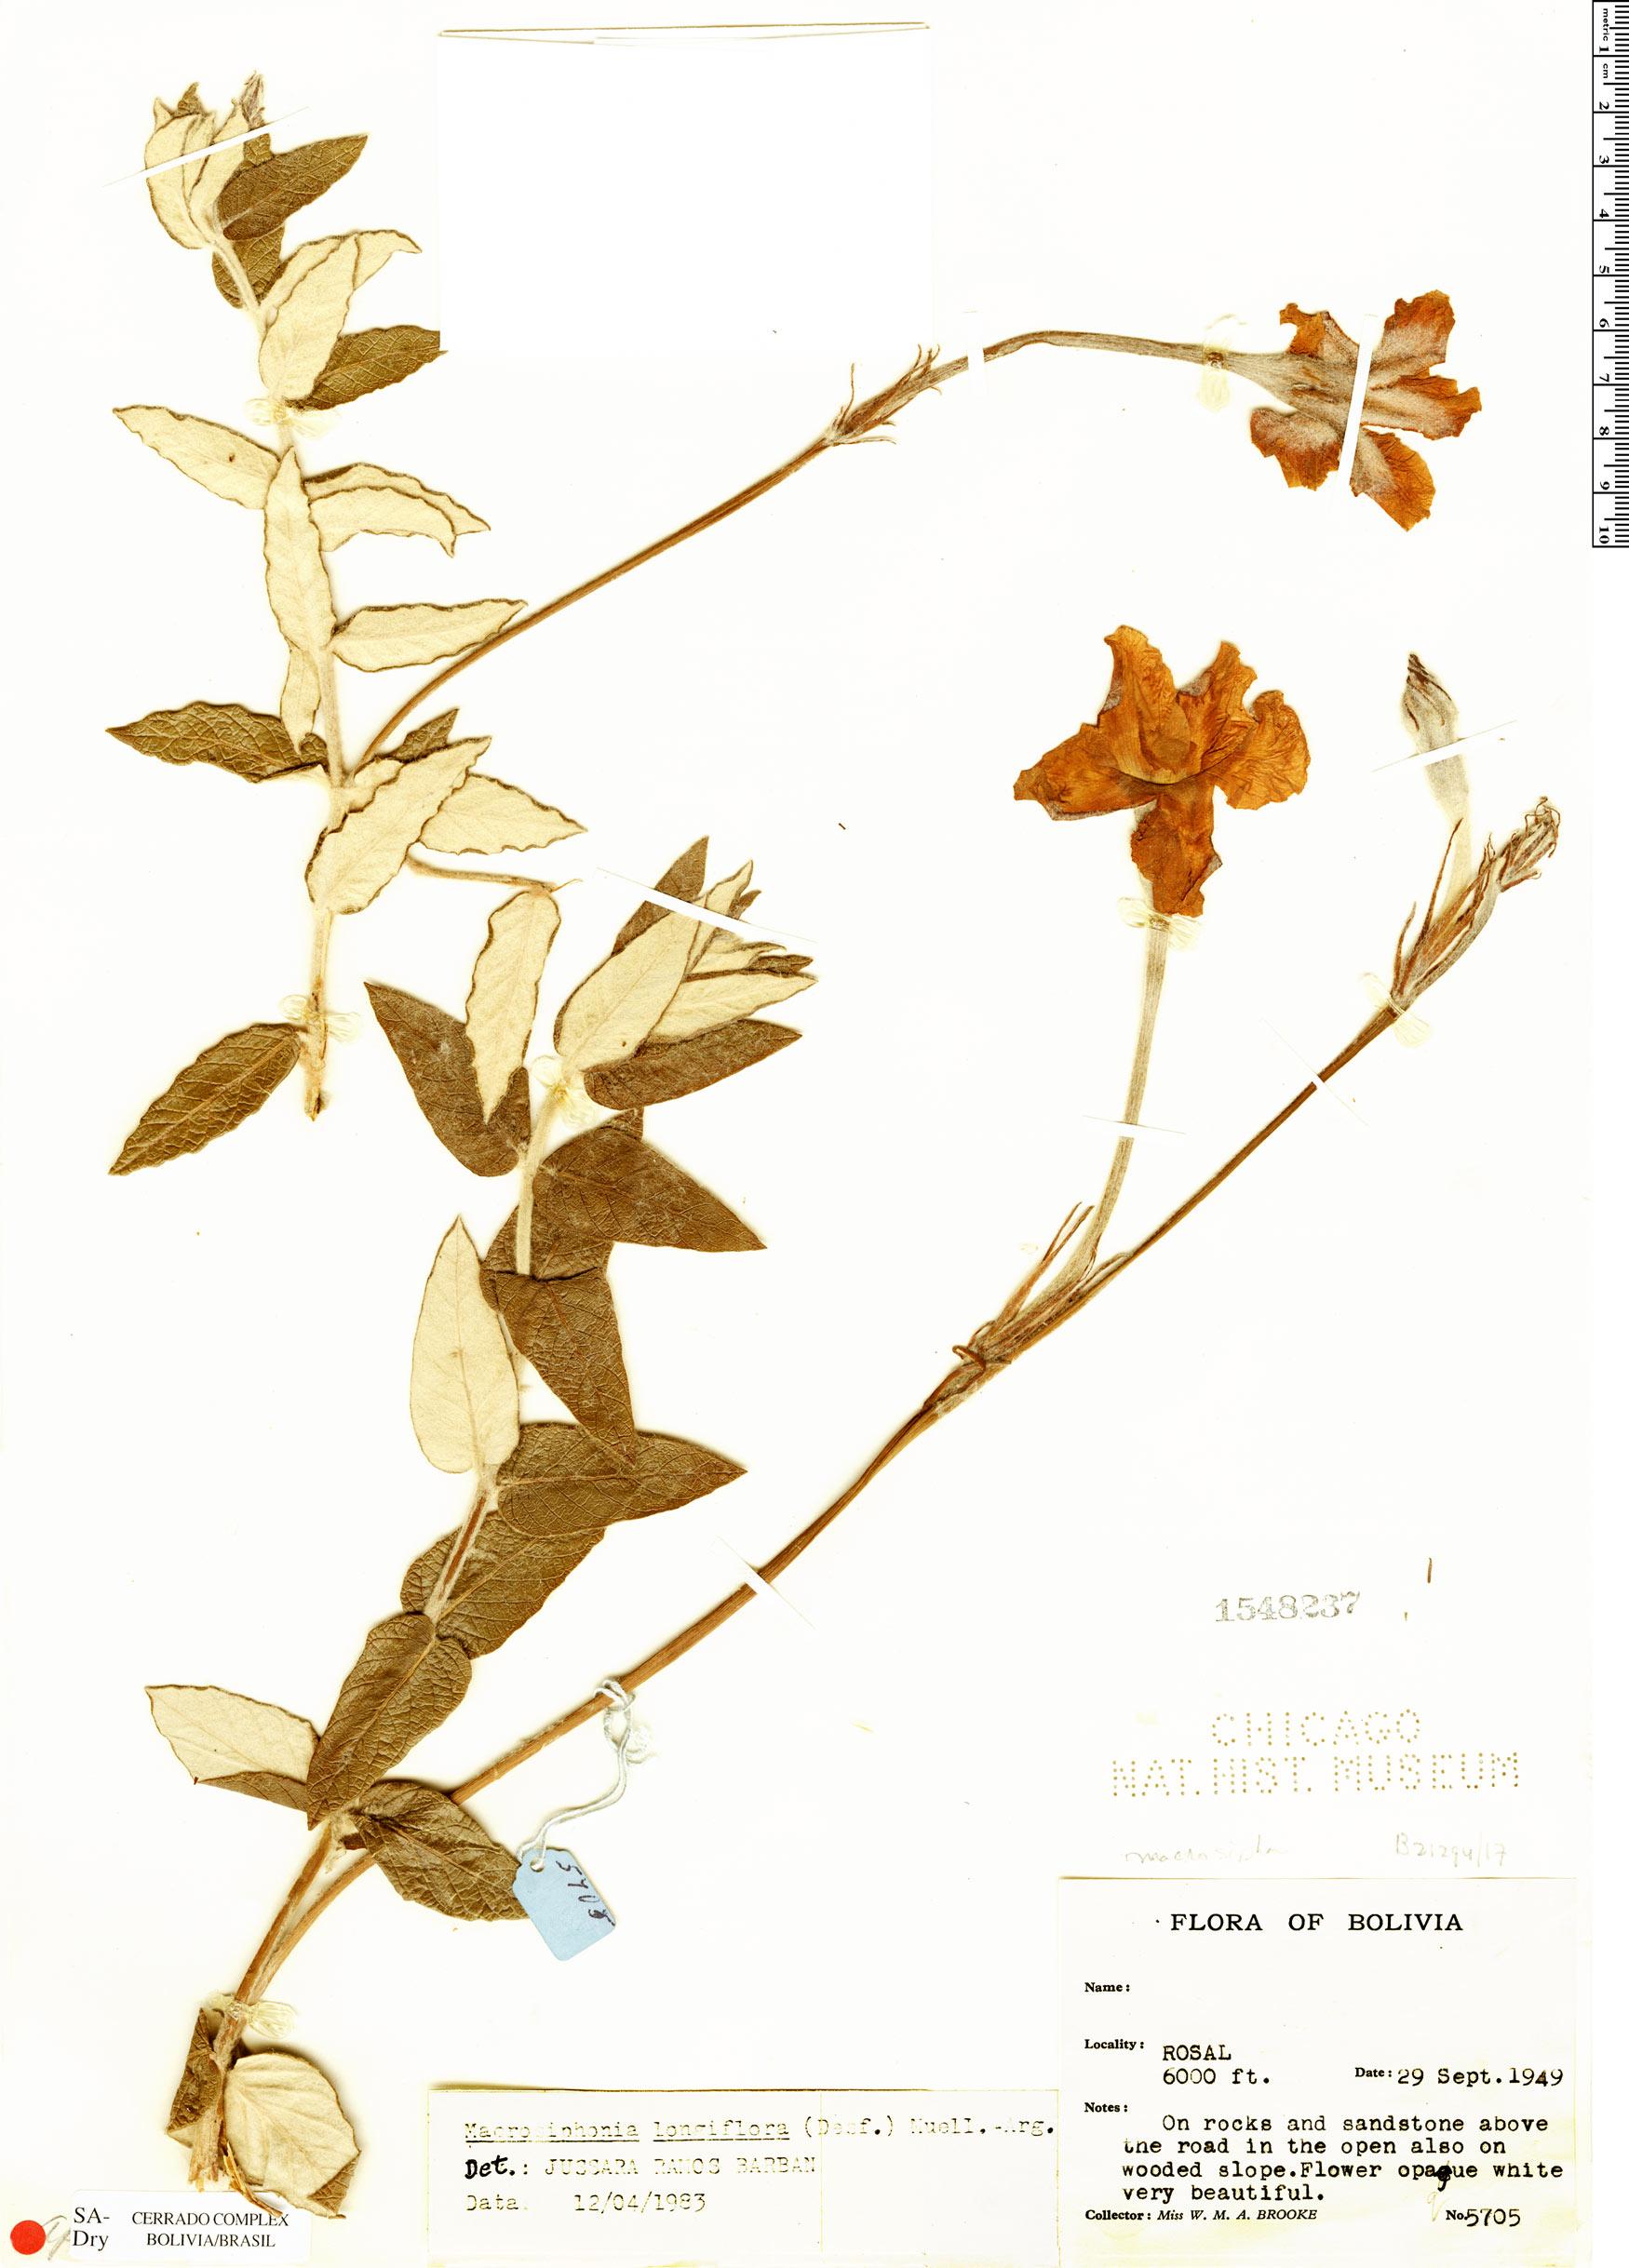 Specimen: Mandevilla longiflora